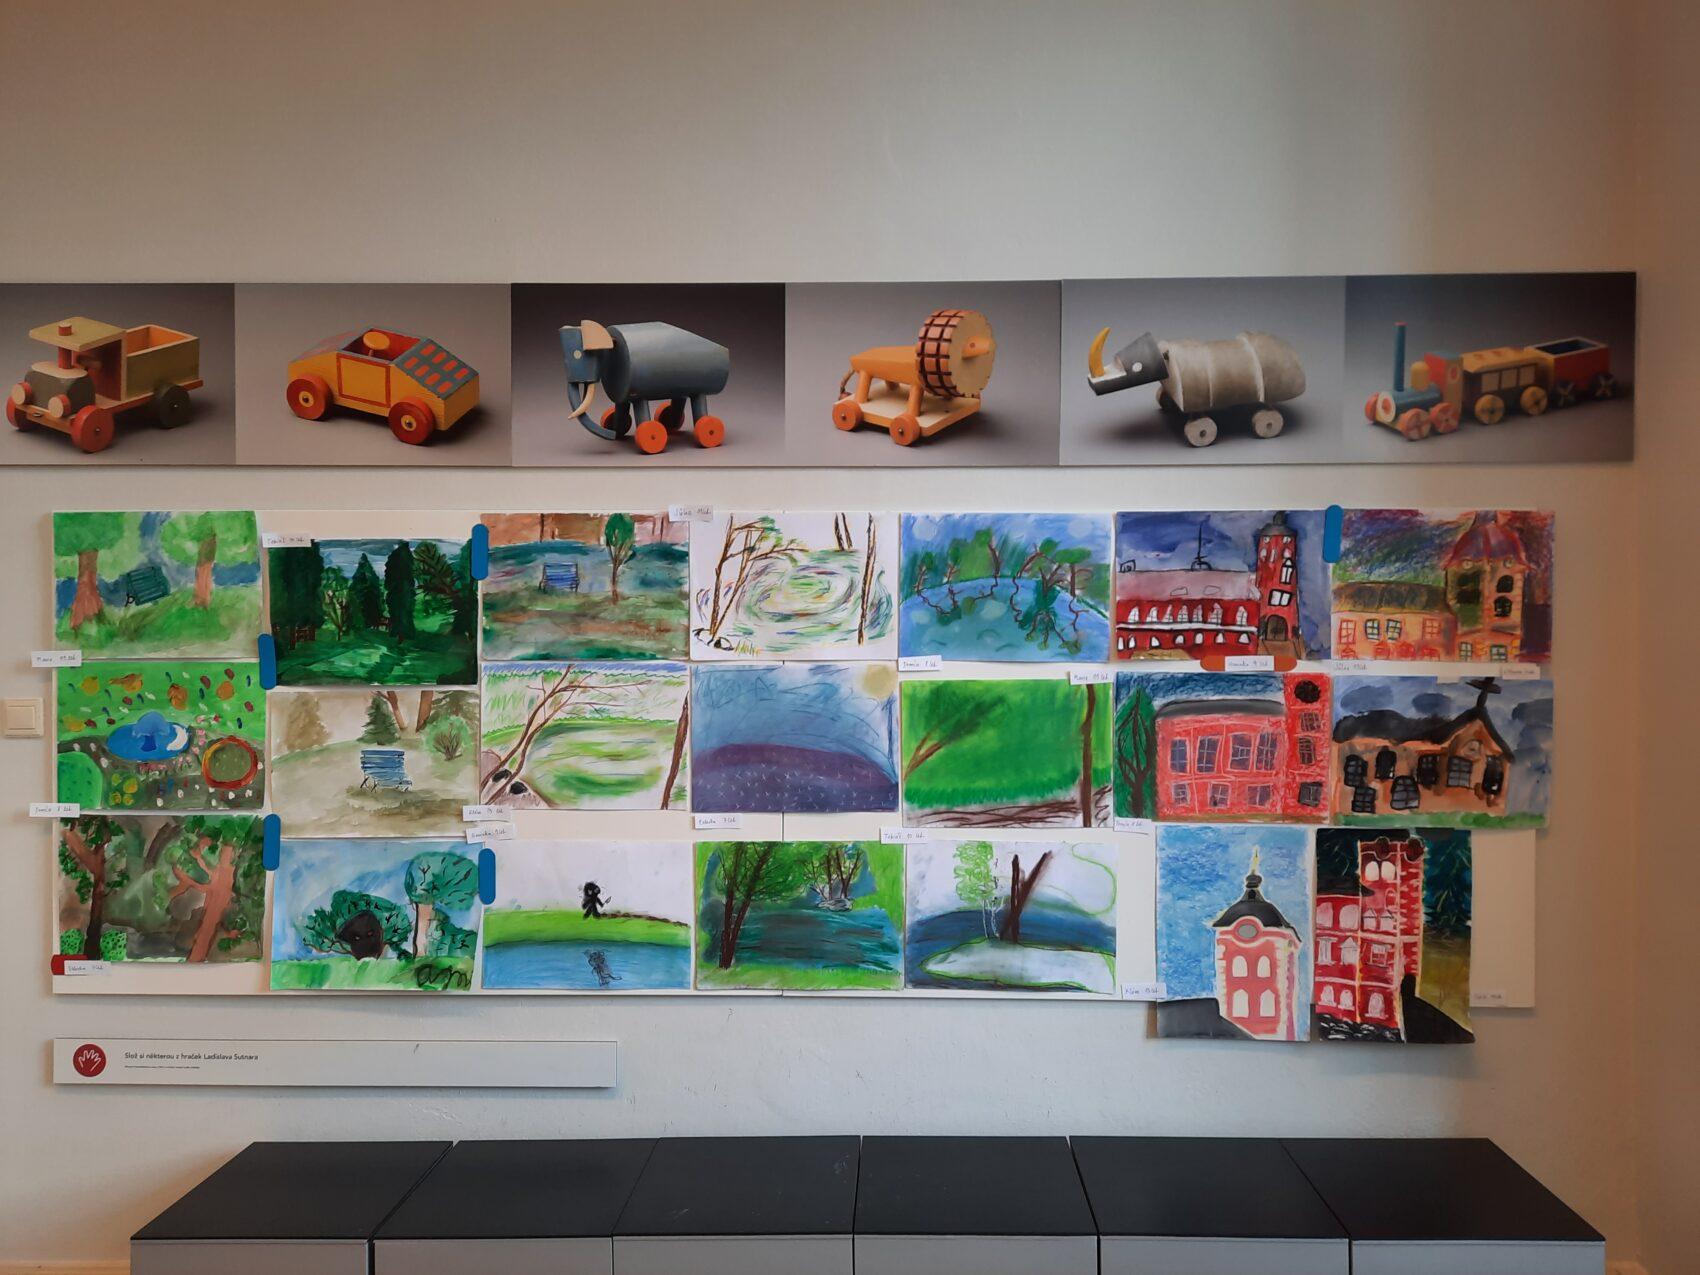 Obrázky na výstavě